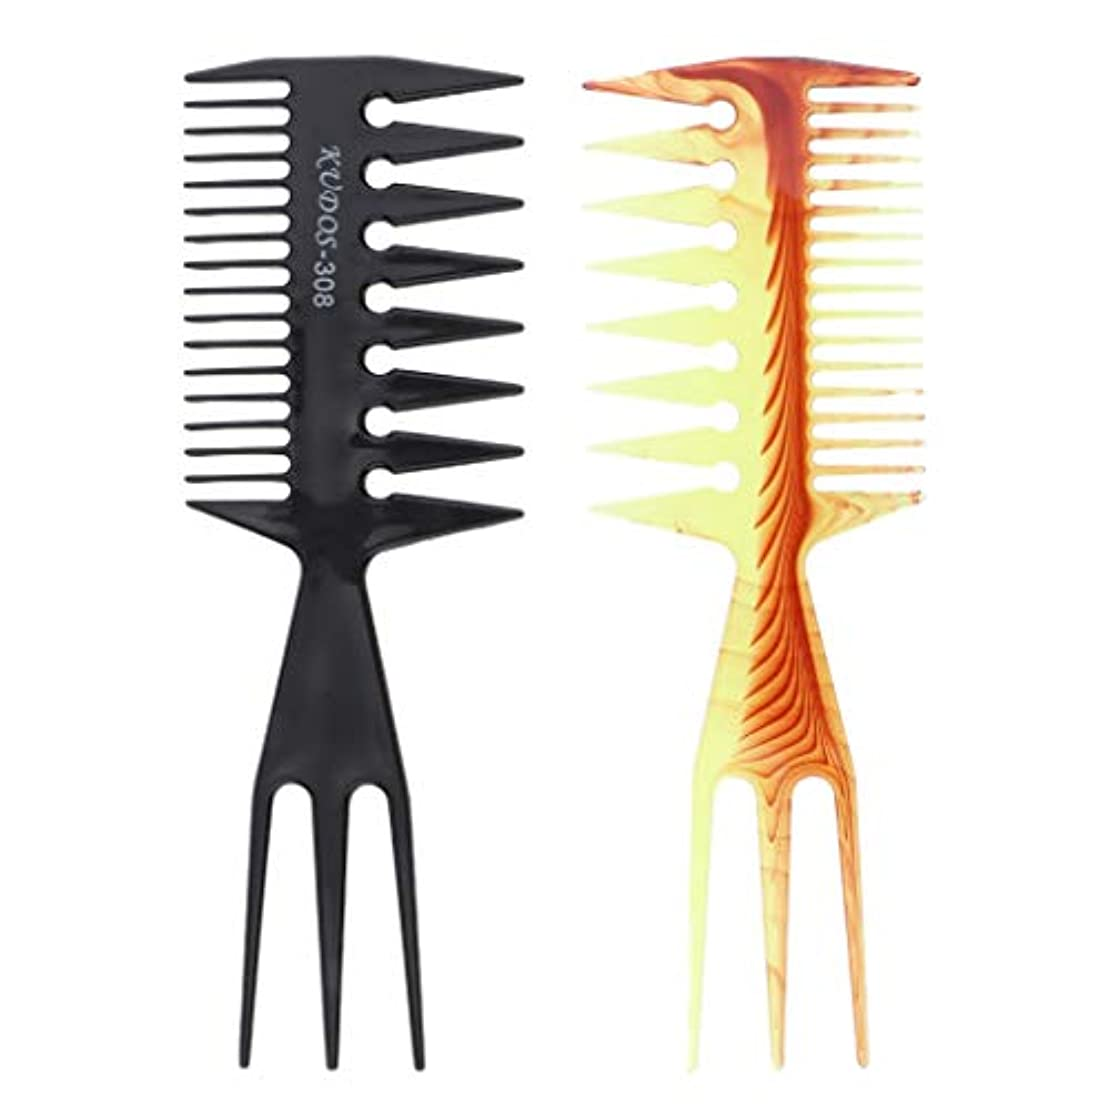 火薬聖なるスケジュールへアカラーセット ヘアダイブラシ DIY髪染め用 サロン 美髪師用 ヘアカラーの用具 2個セット